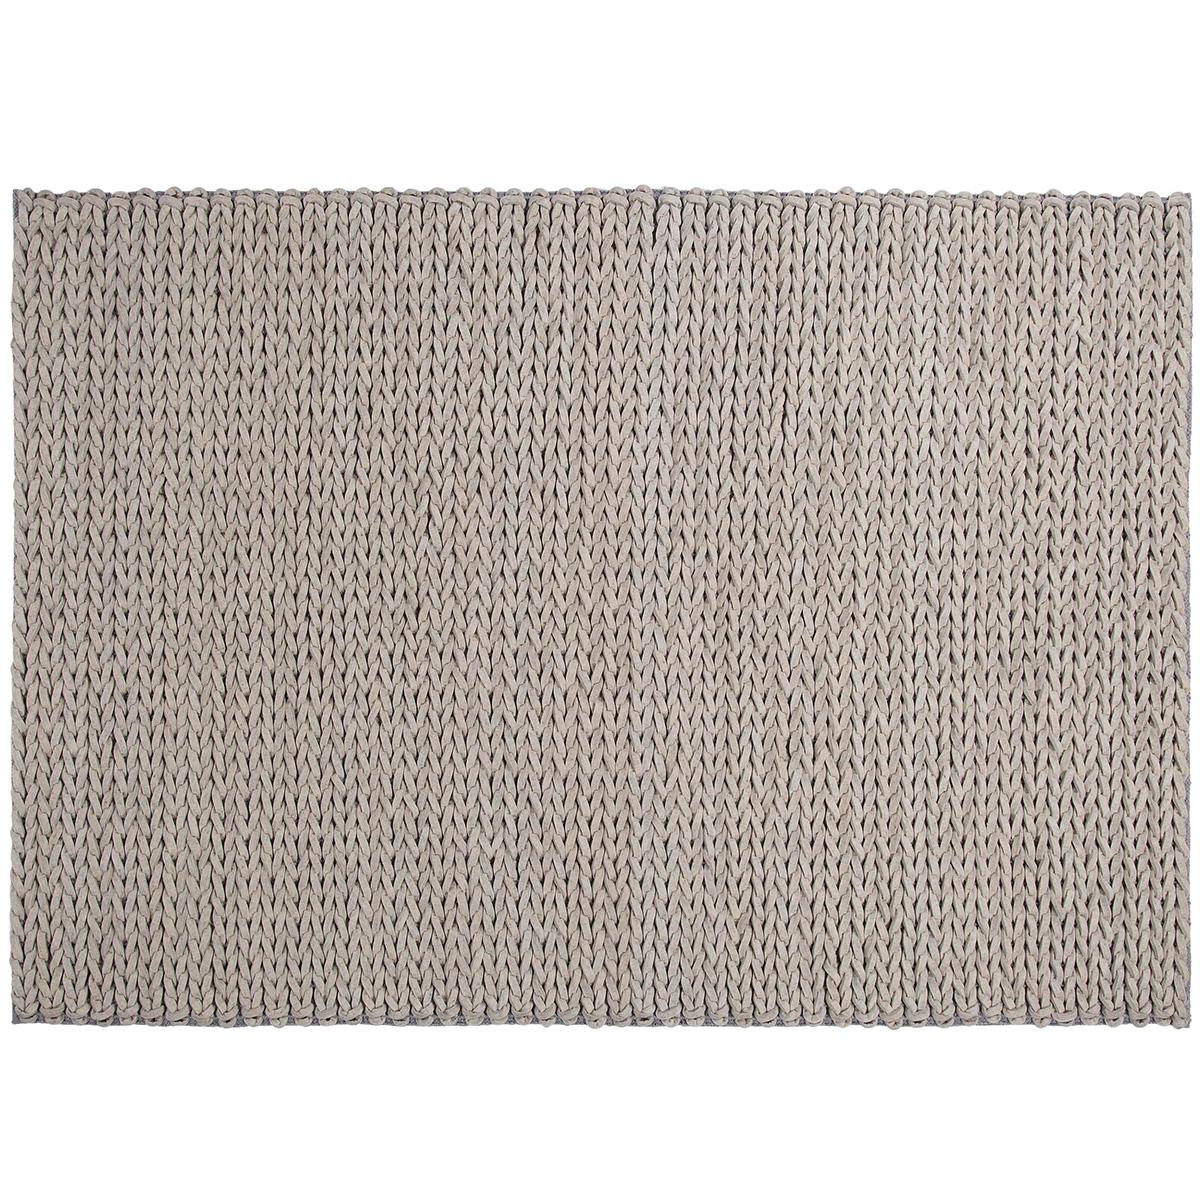 Vloerkleed Brinker Hay 800 | 160 x 230 cm